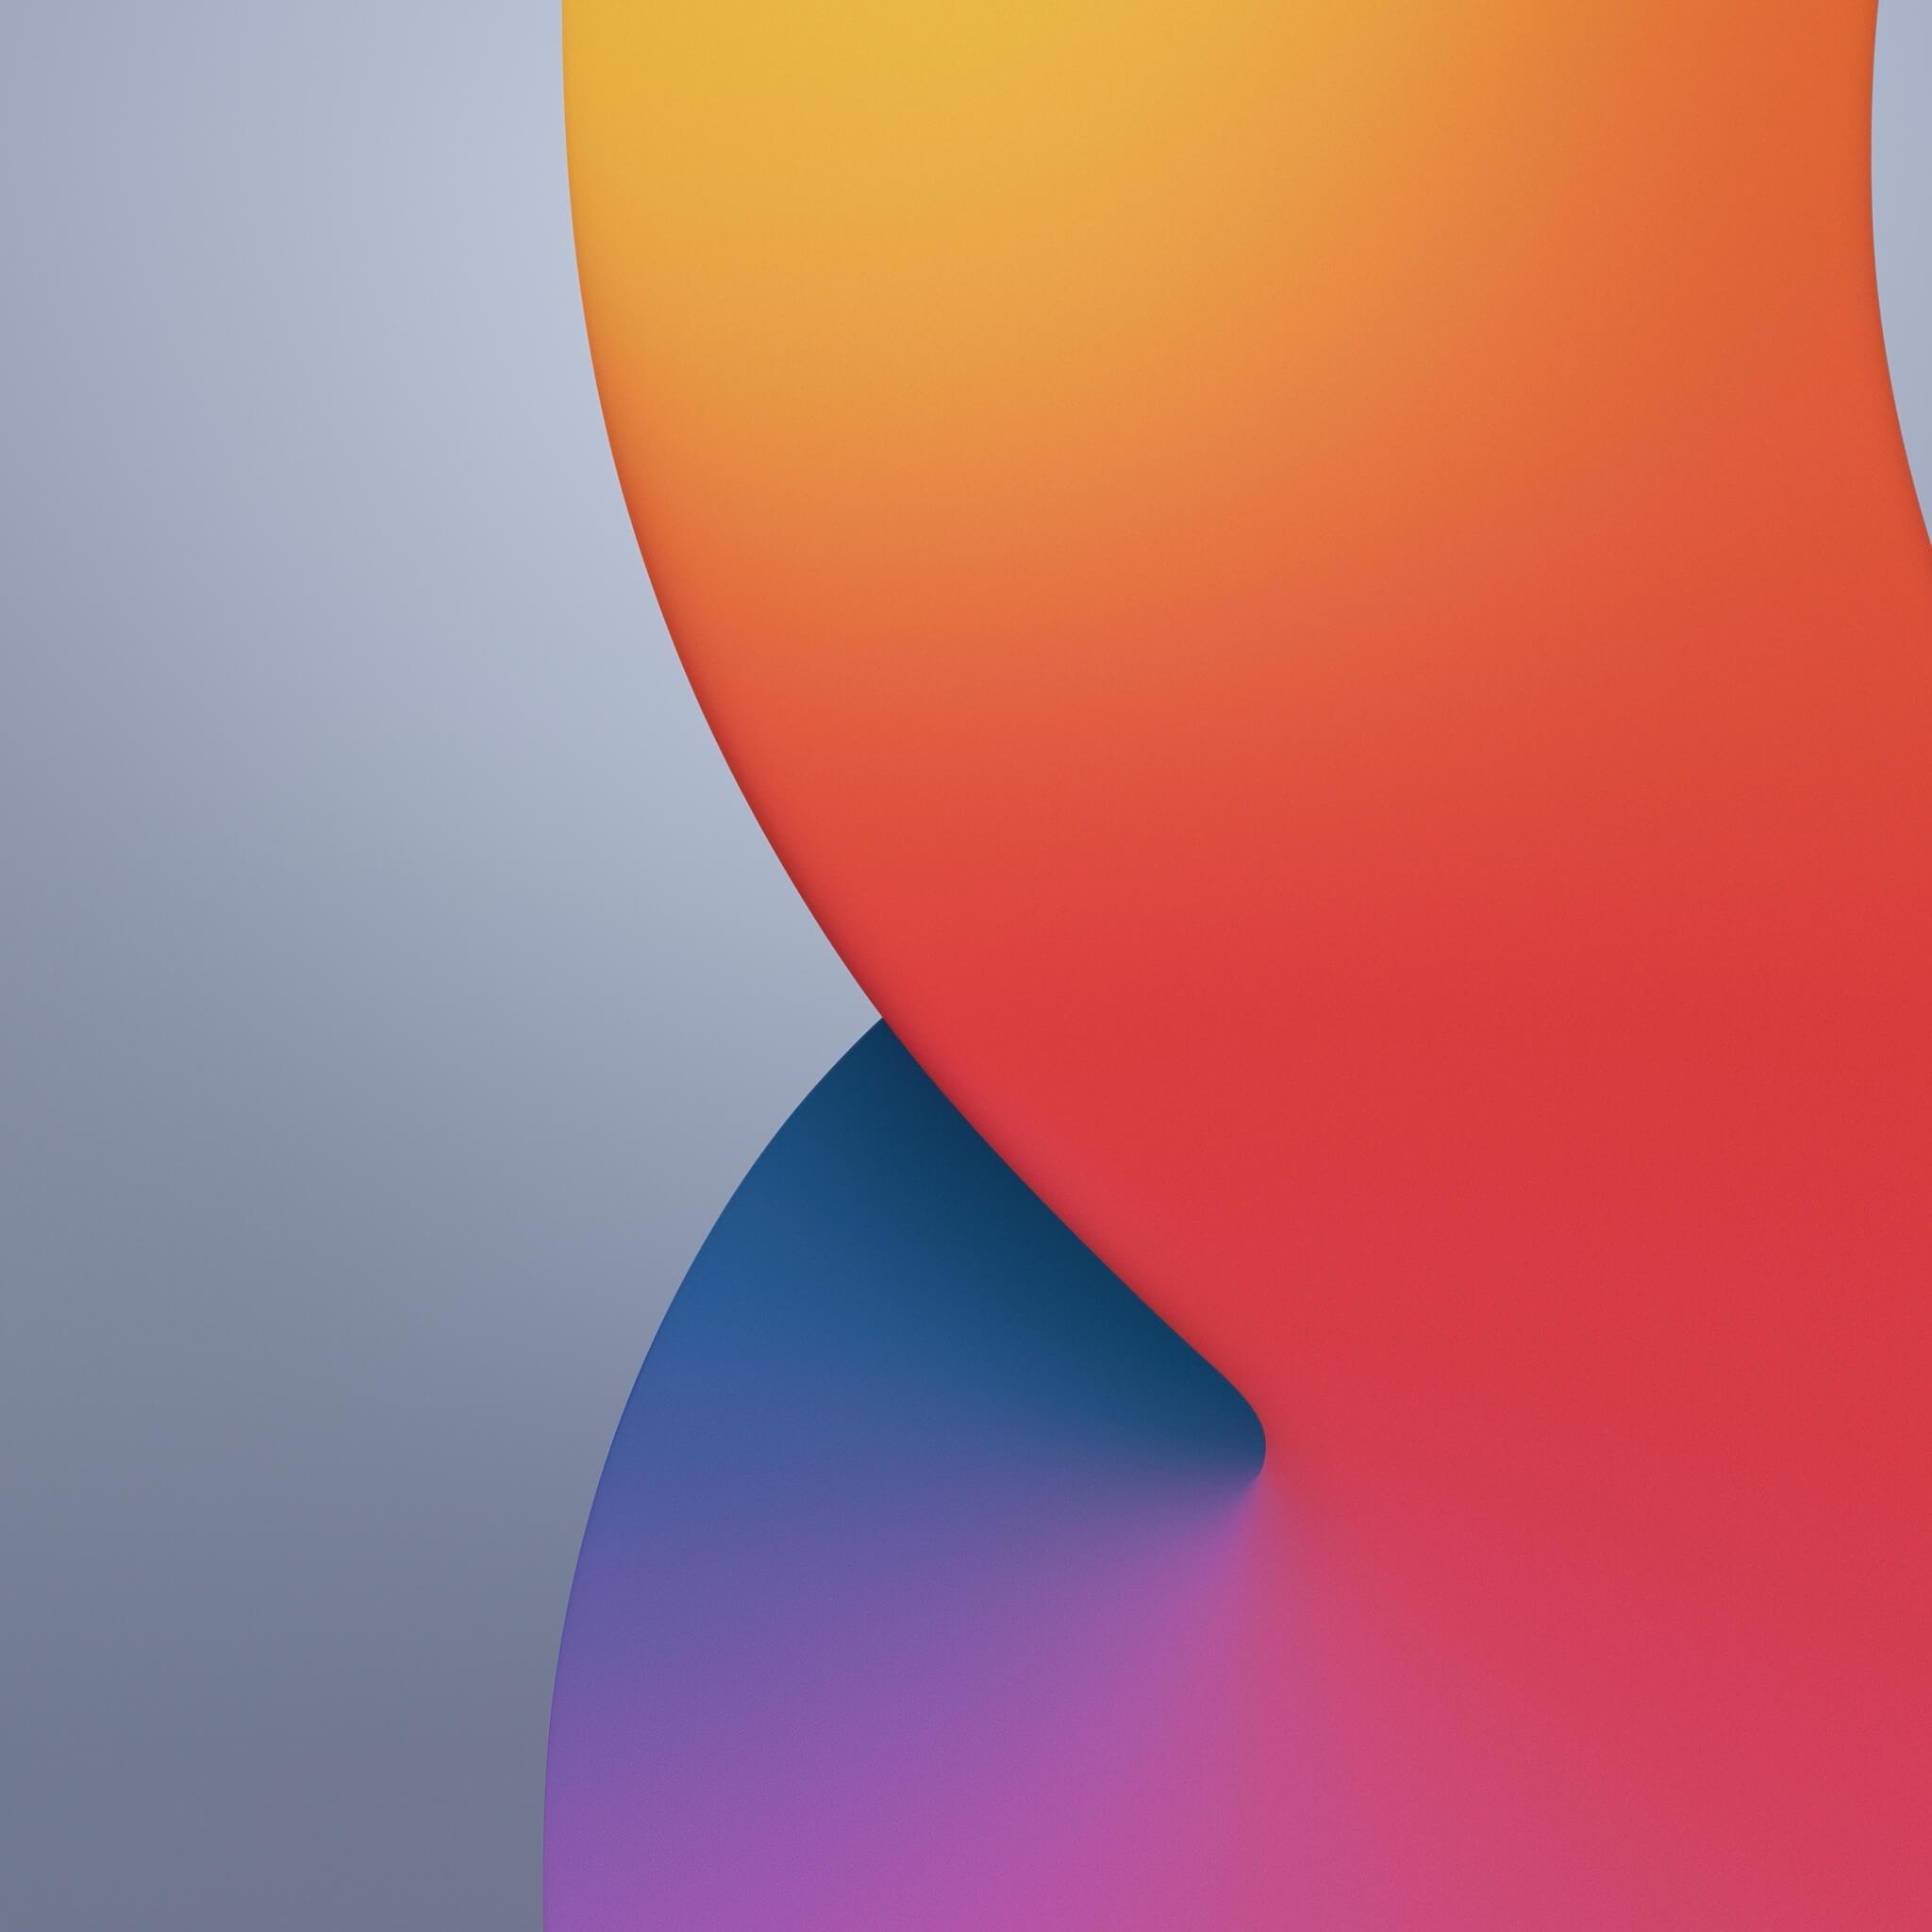 Tous Les Fonds D Ecran Apple Pour Iphone Et Ipad Iphone Soft